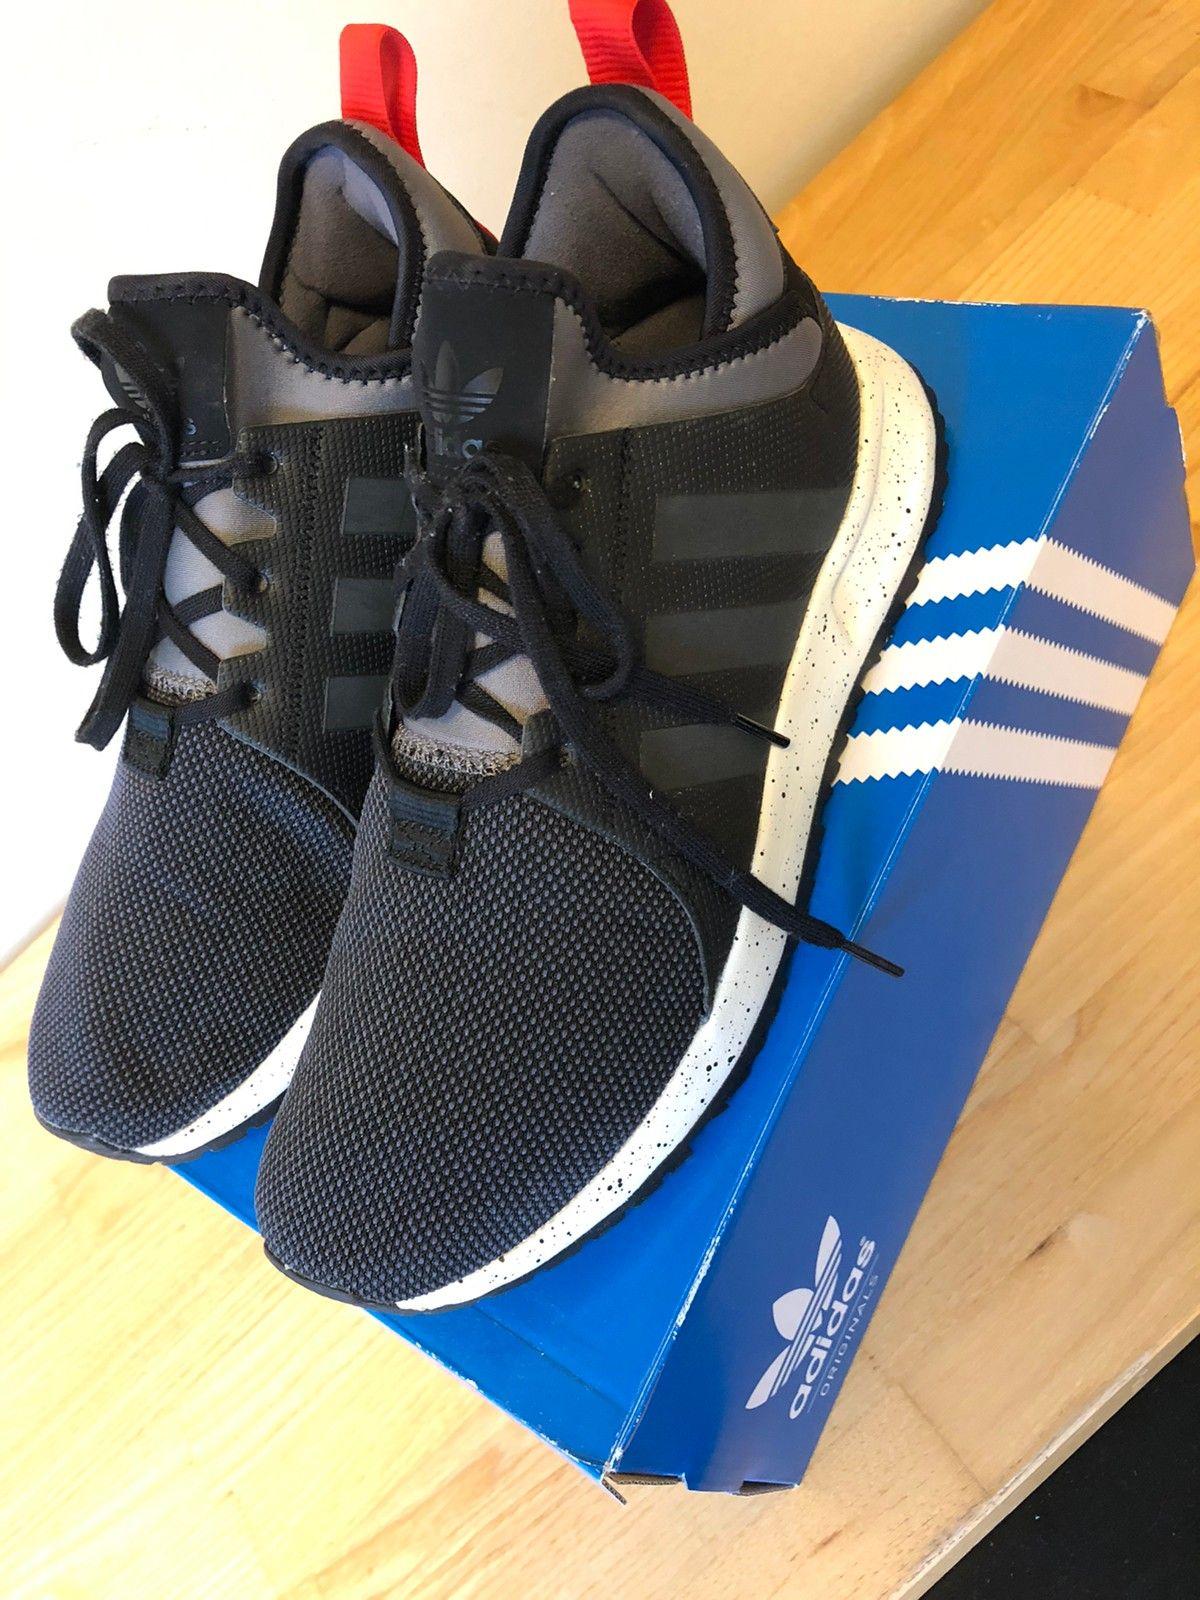 Nesten helt ny sko selges rimelig | FINN.no